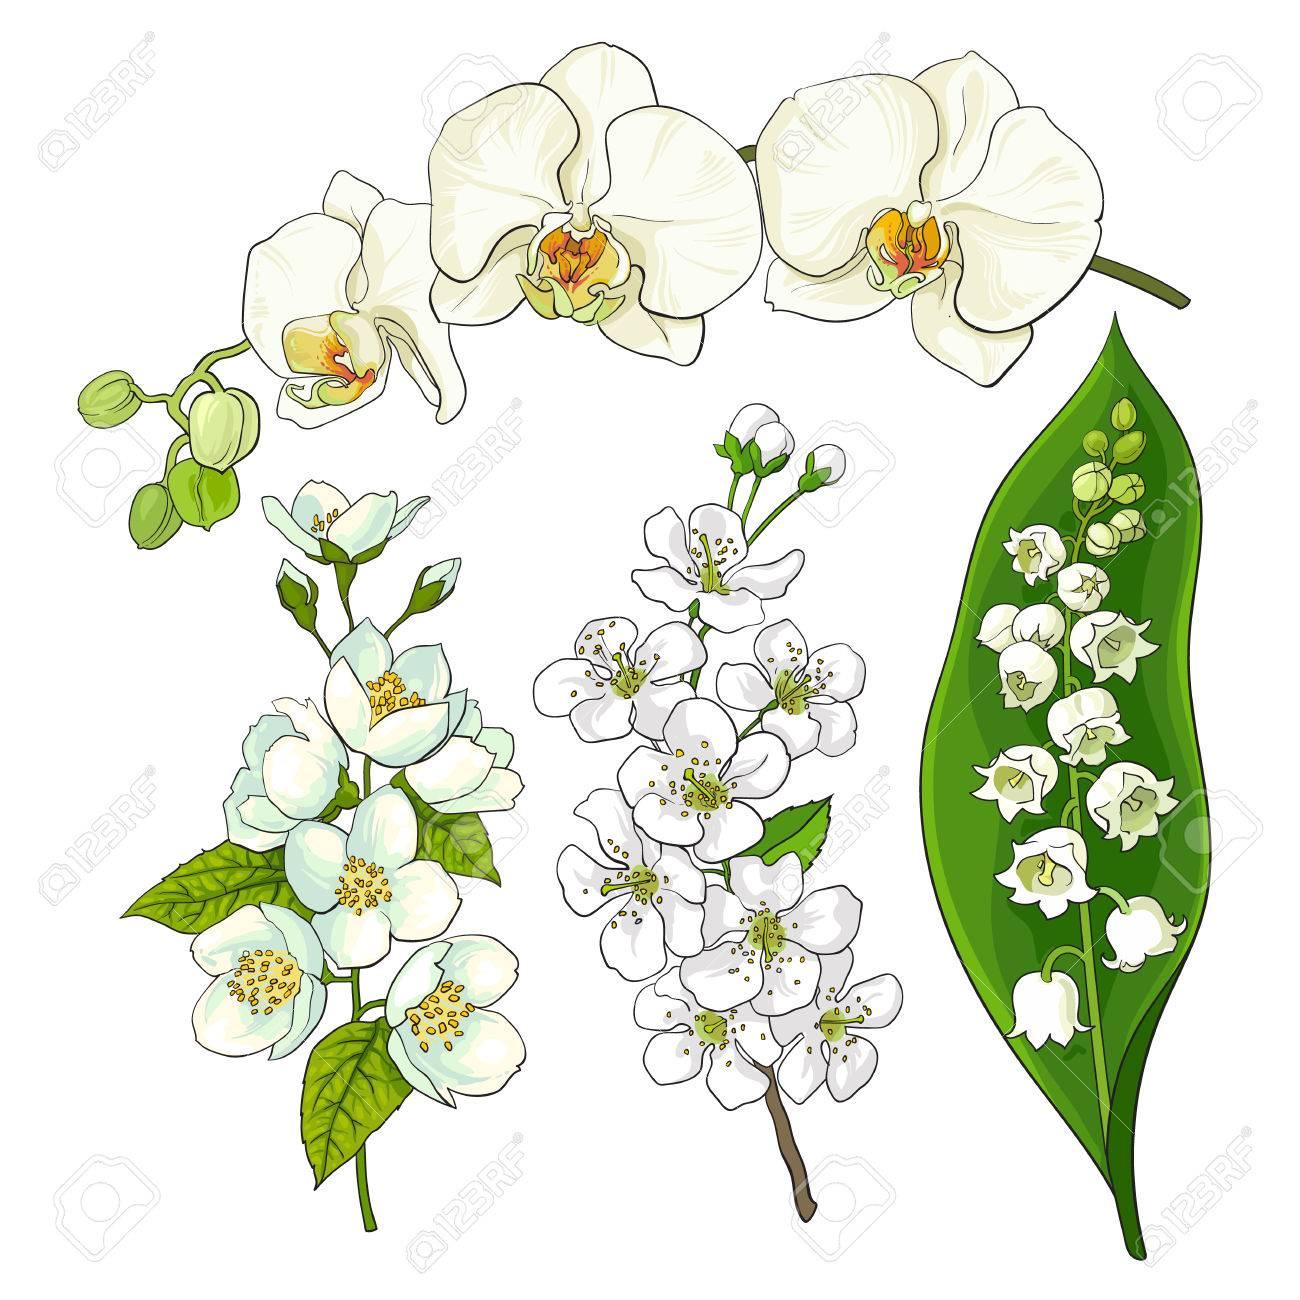 白い花セット スズラン蘭リンゴとサクラの花孤立したスケッチの